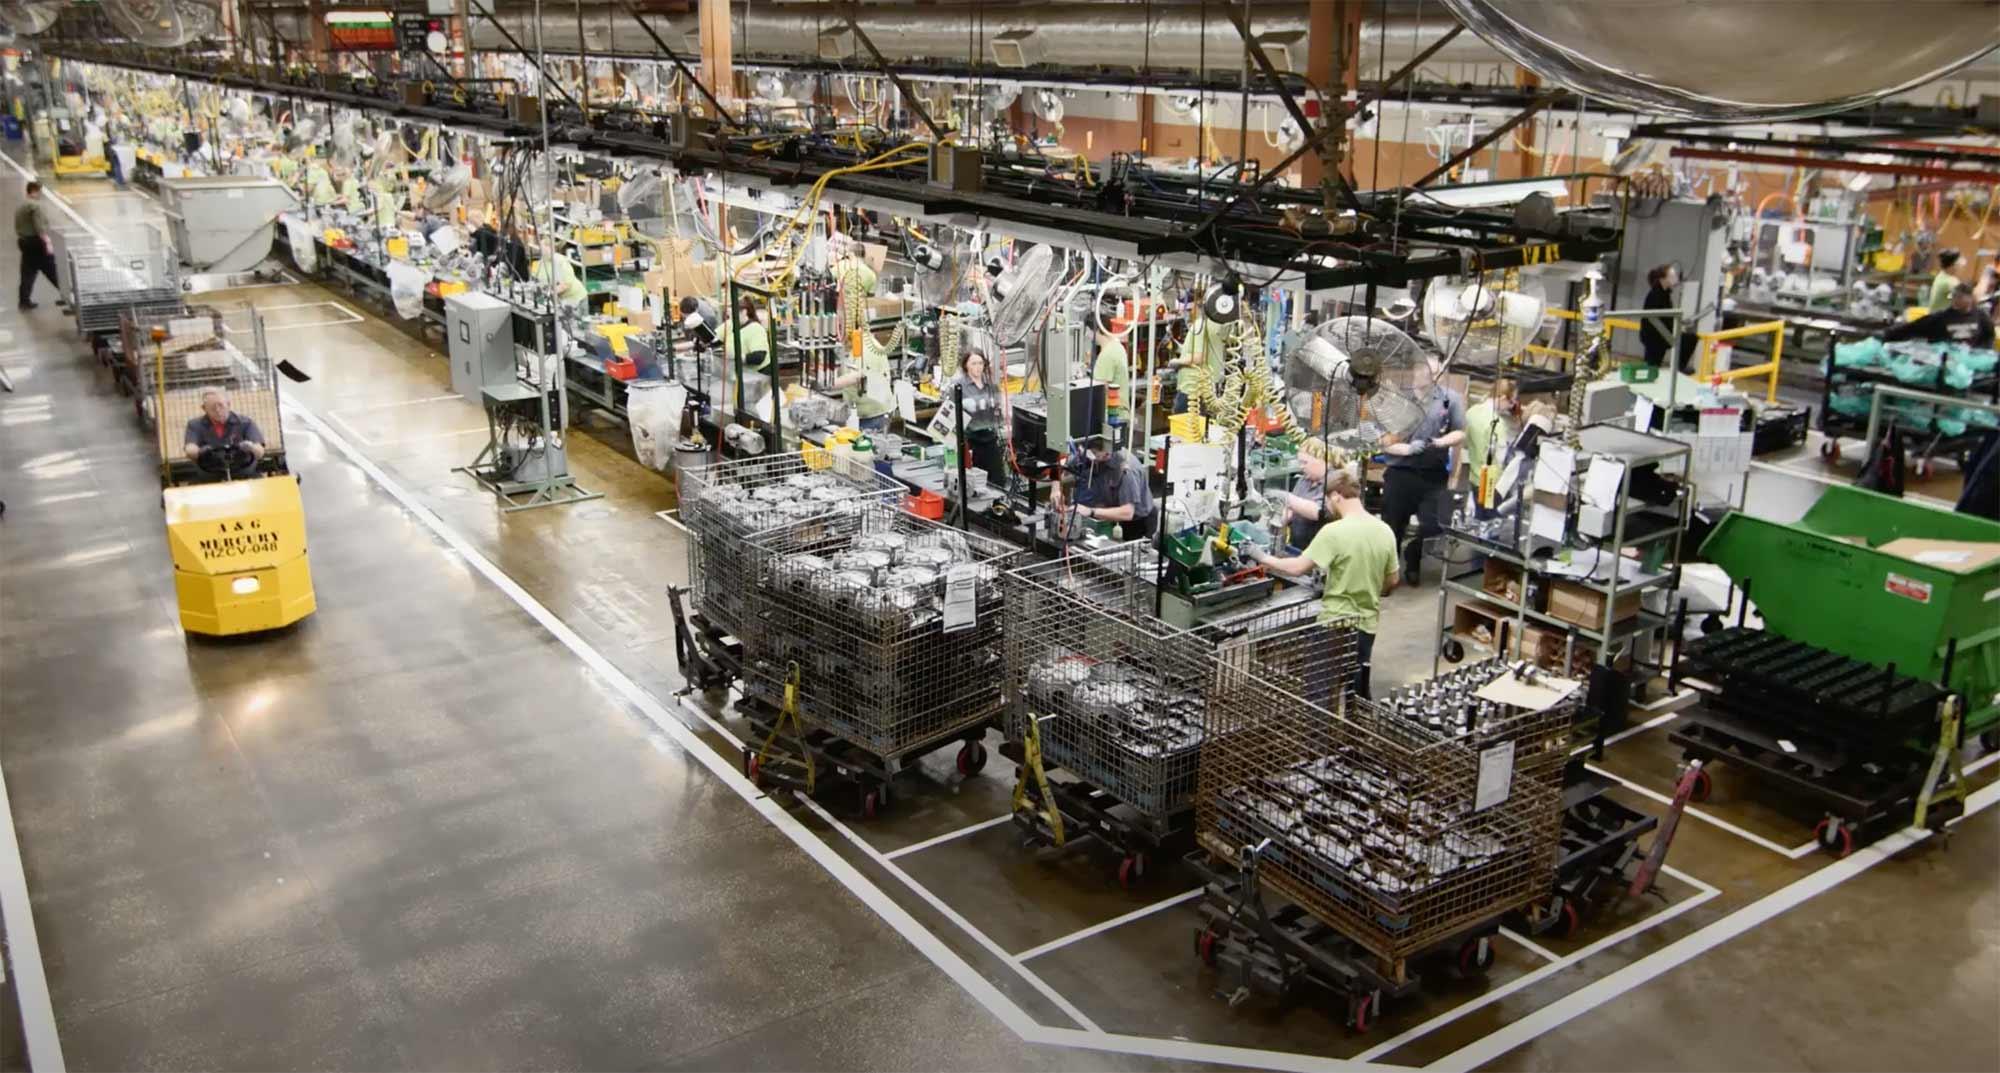 layout view of a Kawasaki factory floor